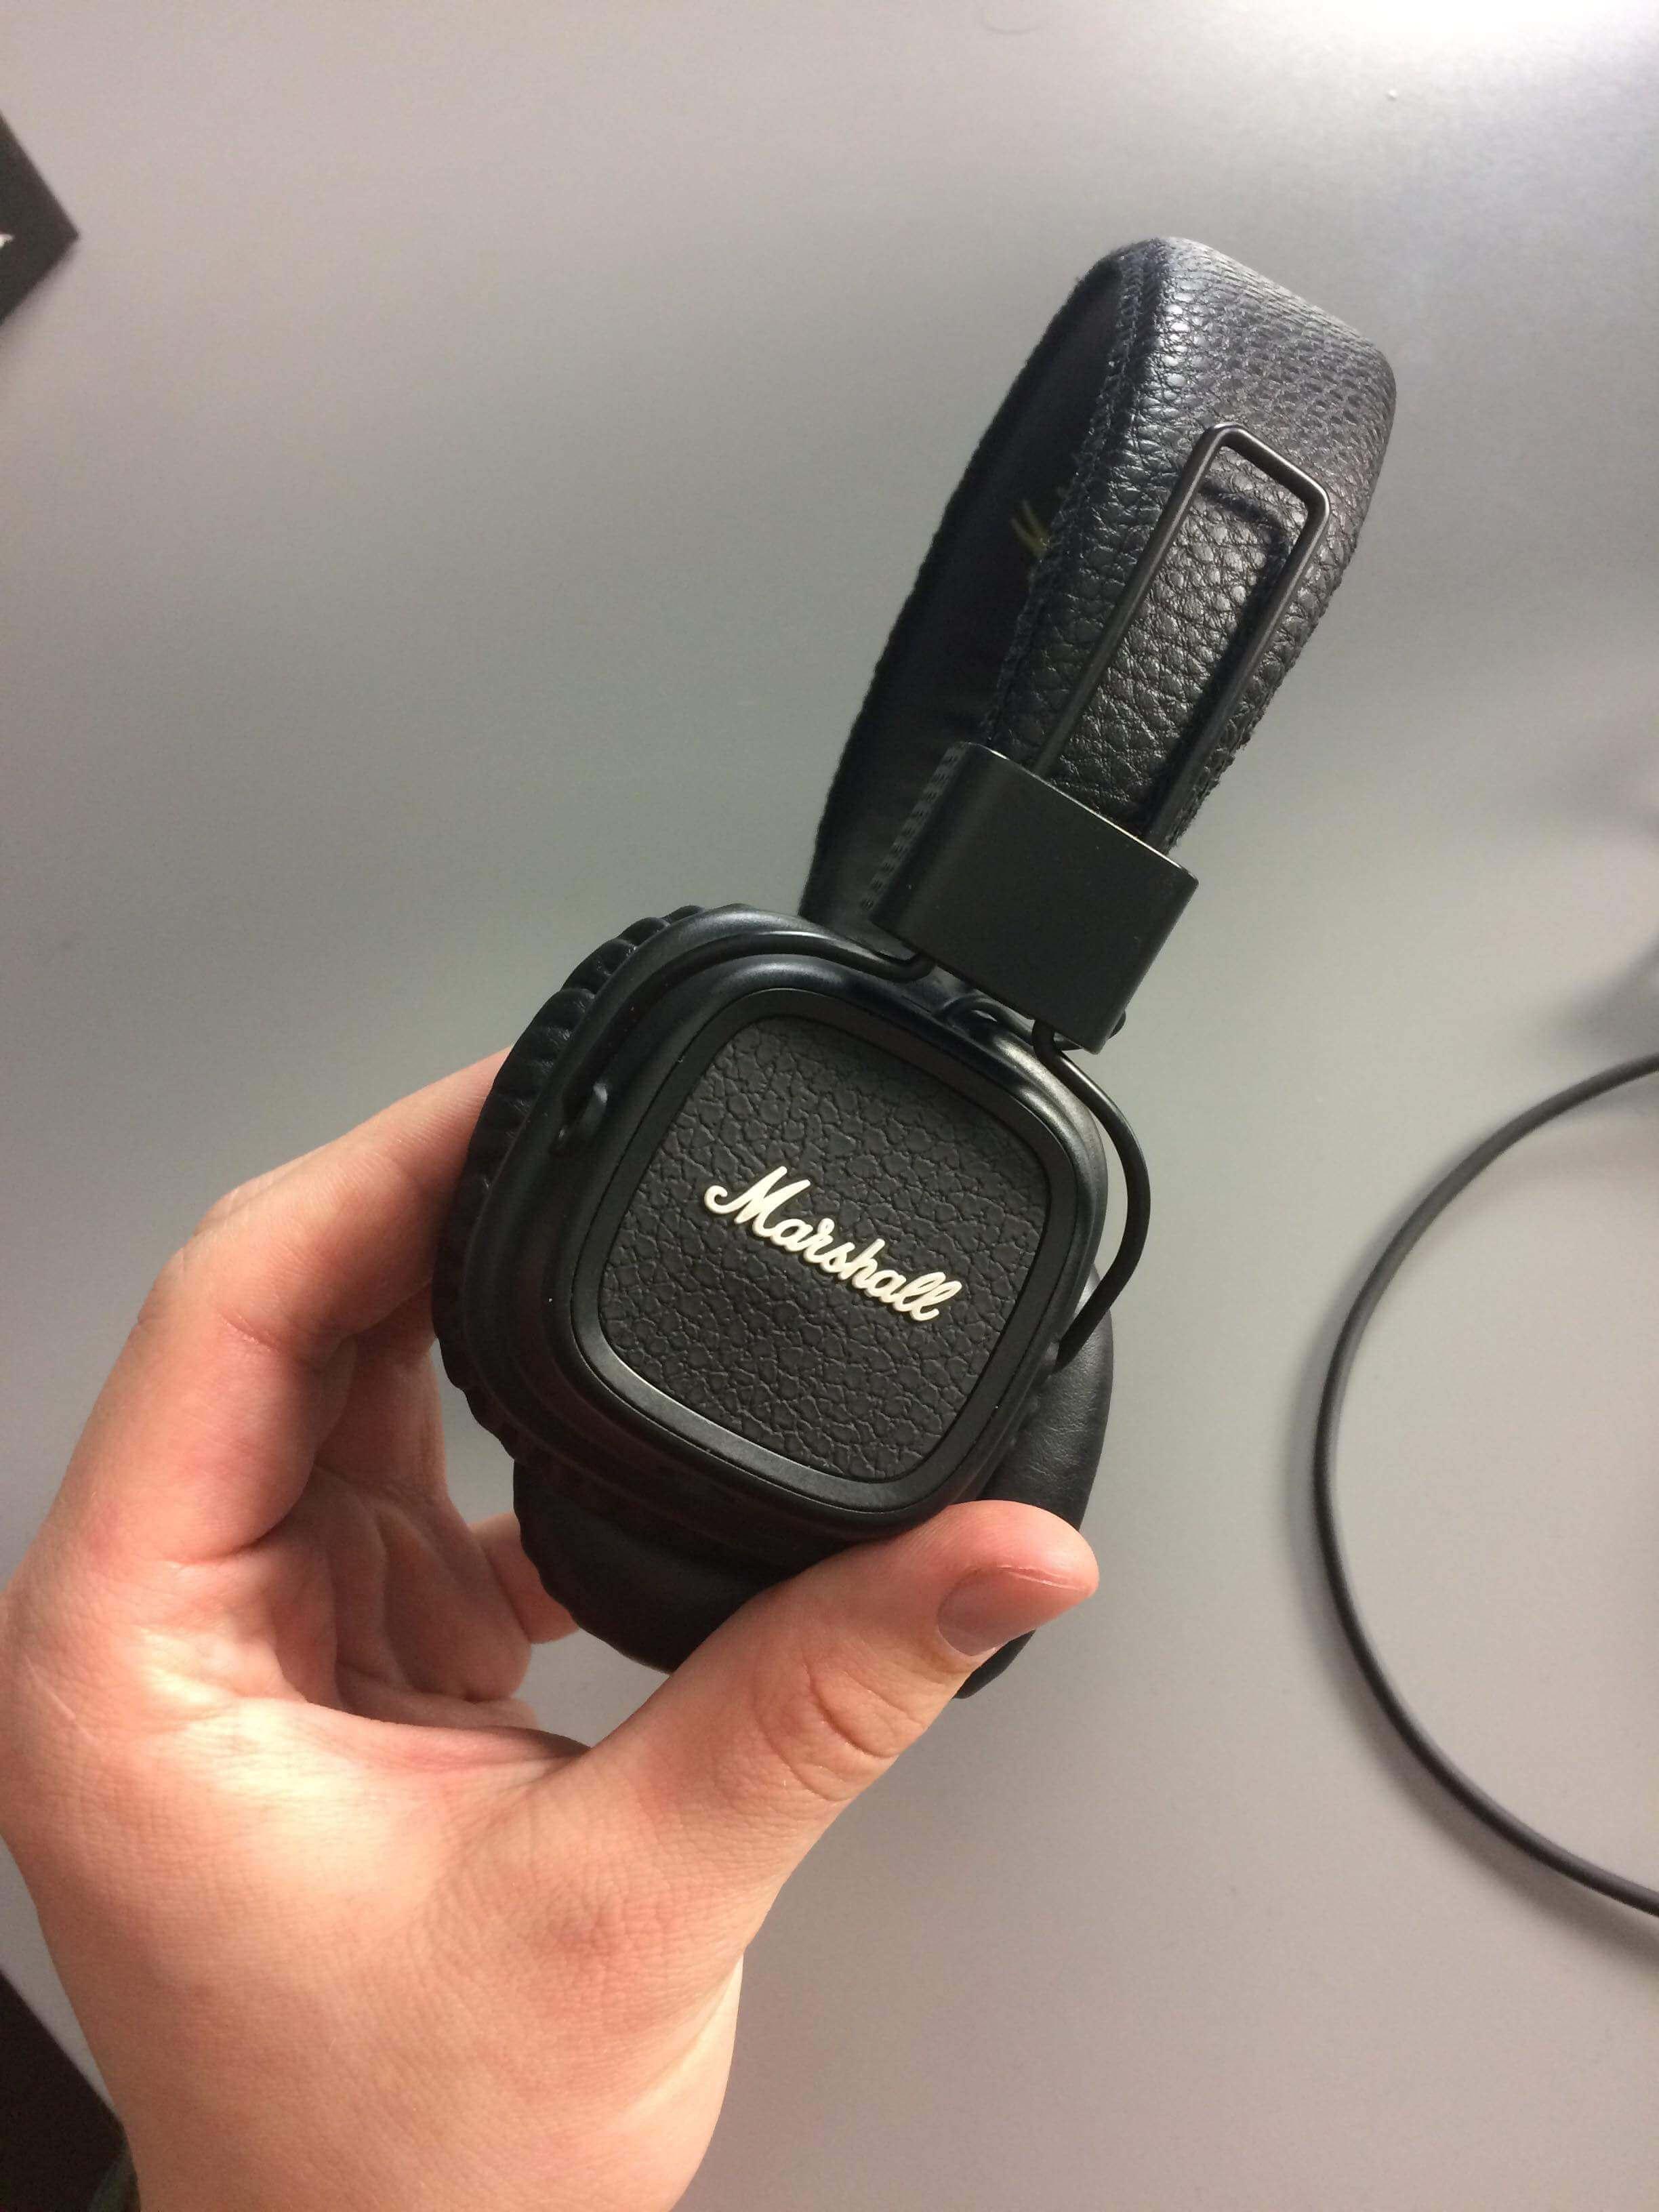 Jak wyglądają słuchawki marshall major 2